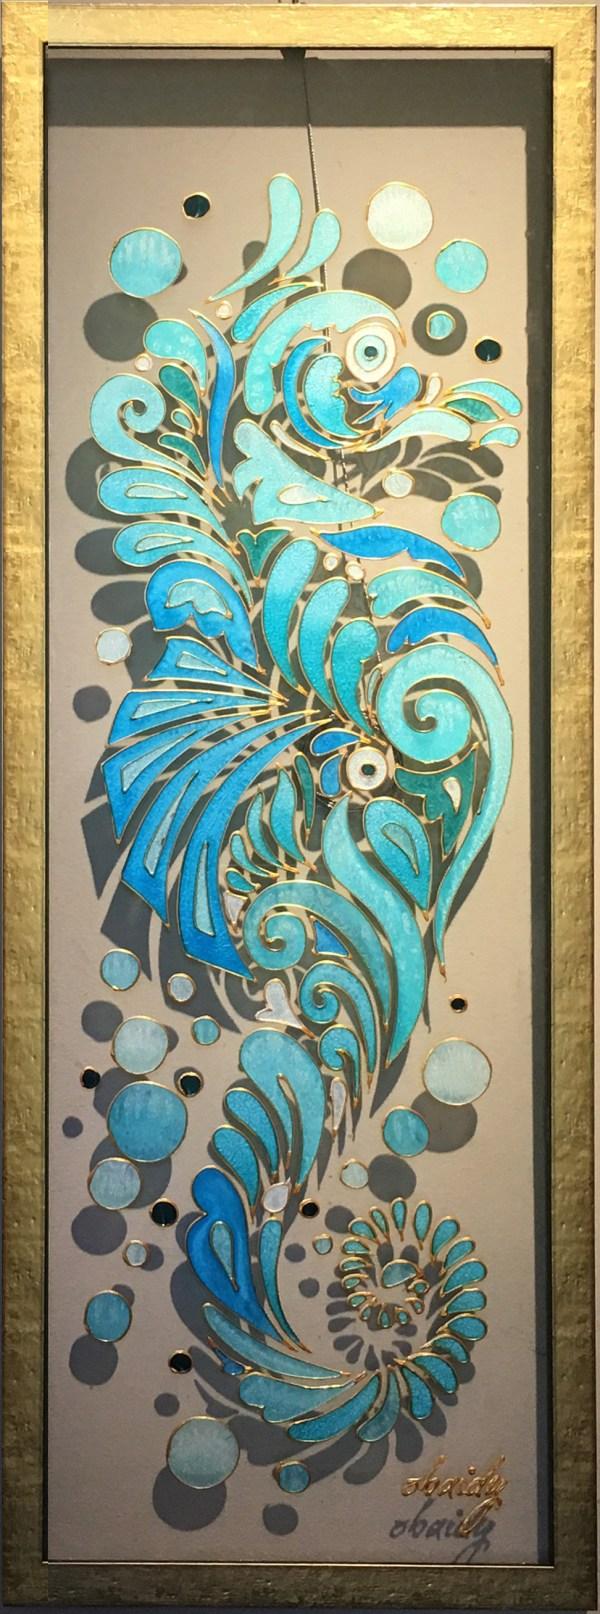 Seahorse - Stravitz Sculpture & Fine Art